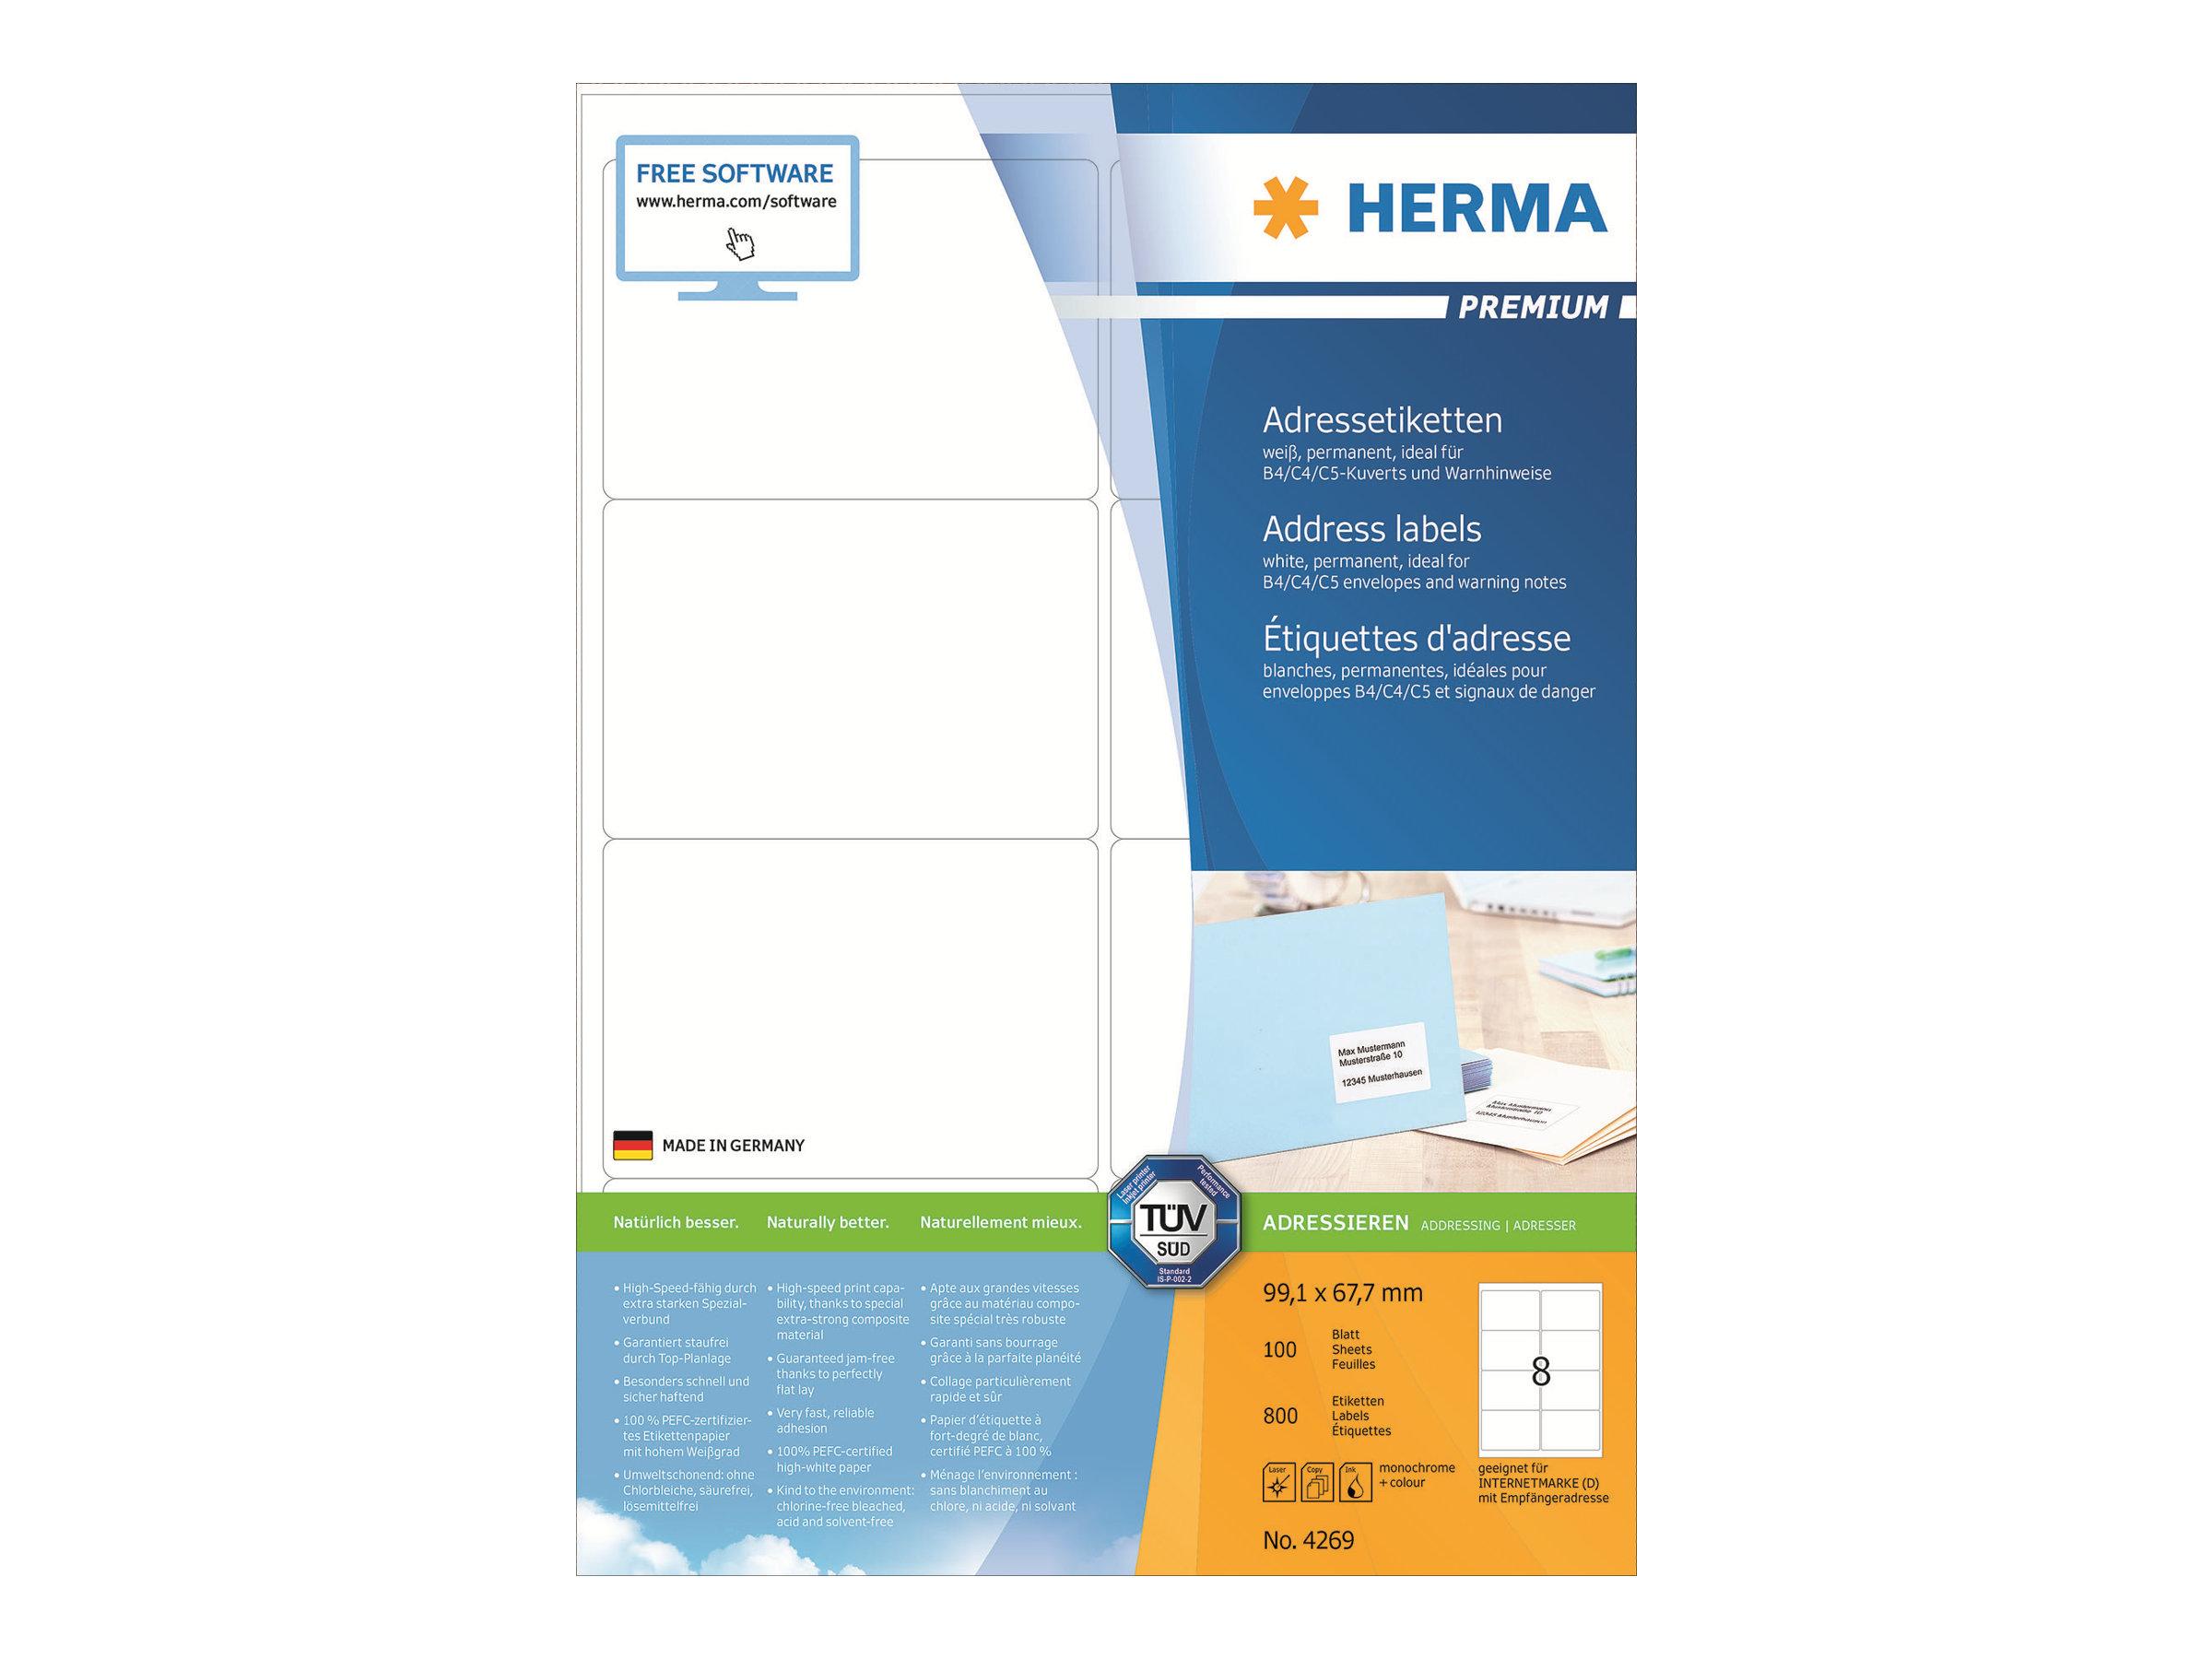 HERMA Premium - Papier - matt - permanent selbstklebend - weiß - 99.1 x 67.7 mm 800 Etikett(en) (100 Bogen x 8)